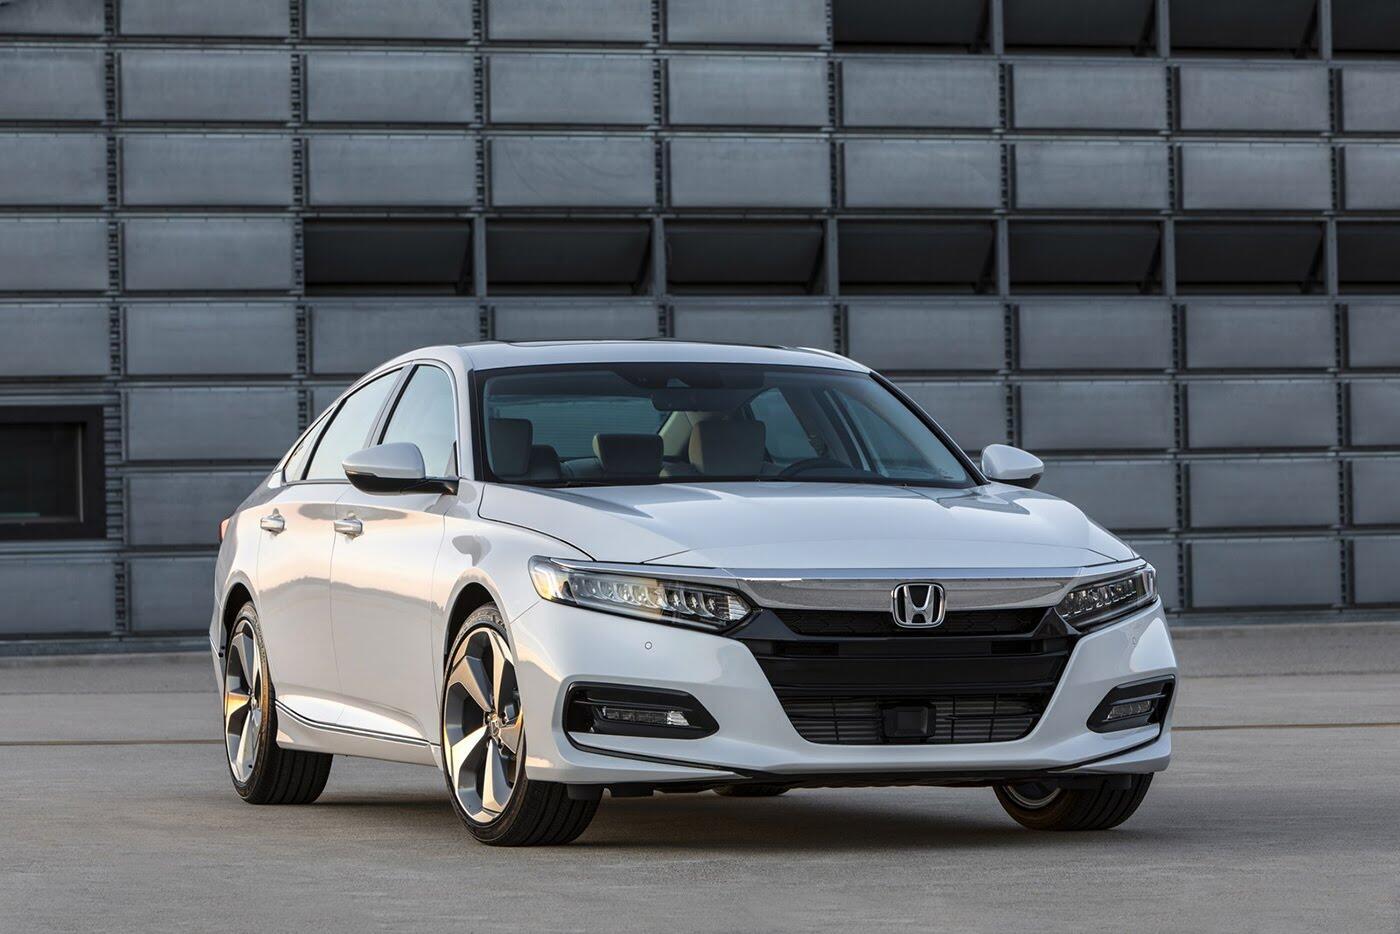 """Honda ra mắt Accord 2018 mong """"đánh bật"""" Toyota Camry - Hình 2"""